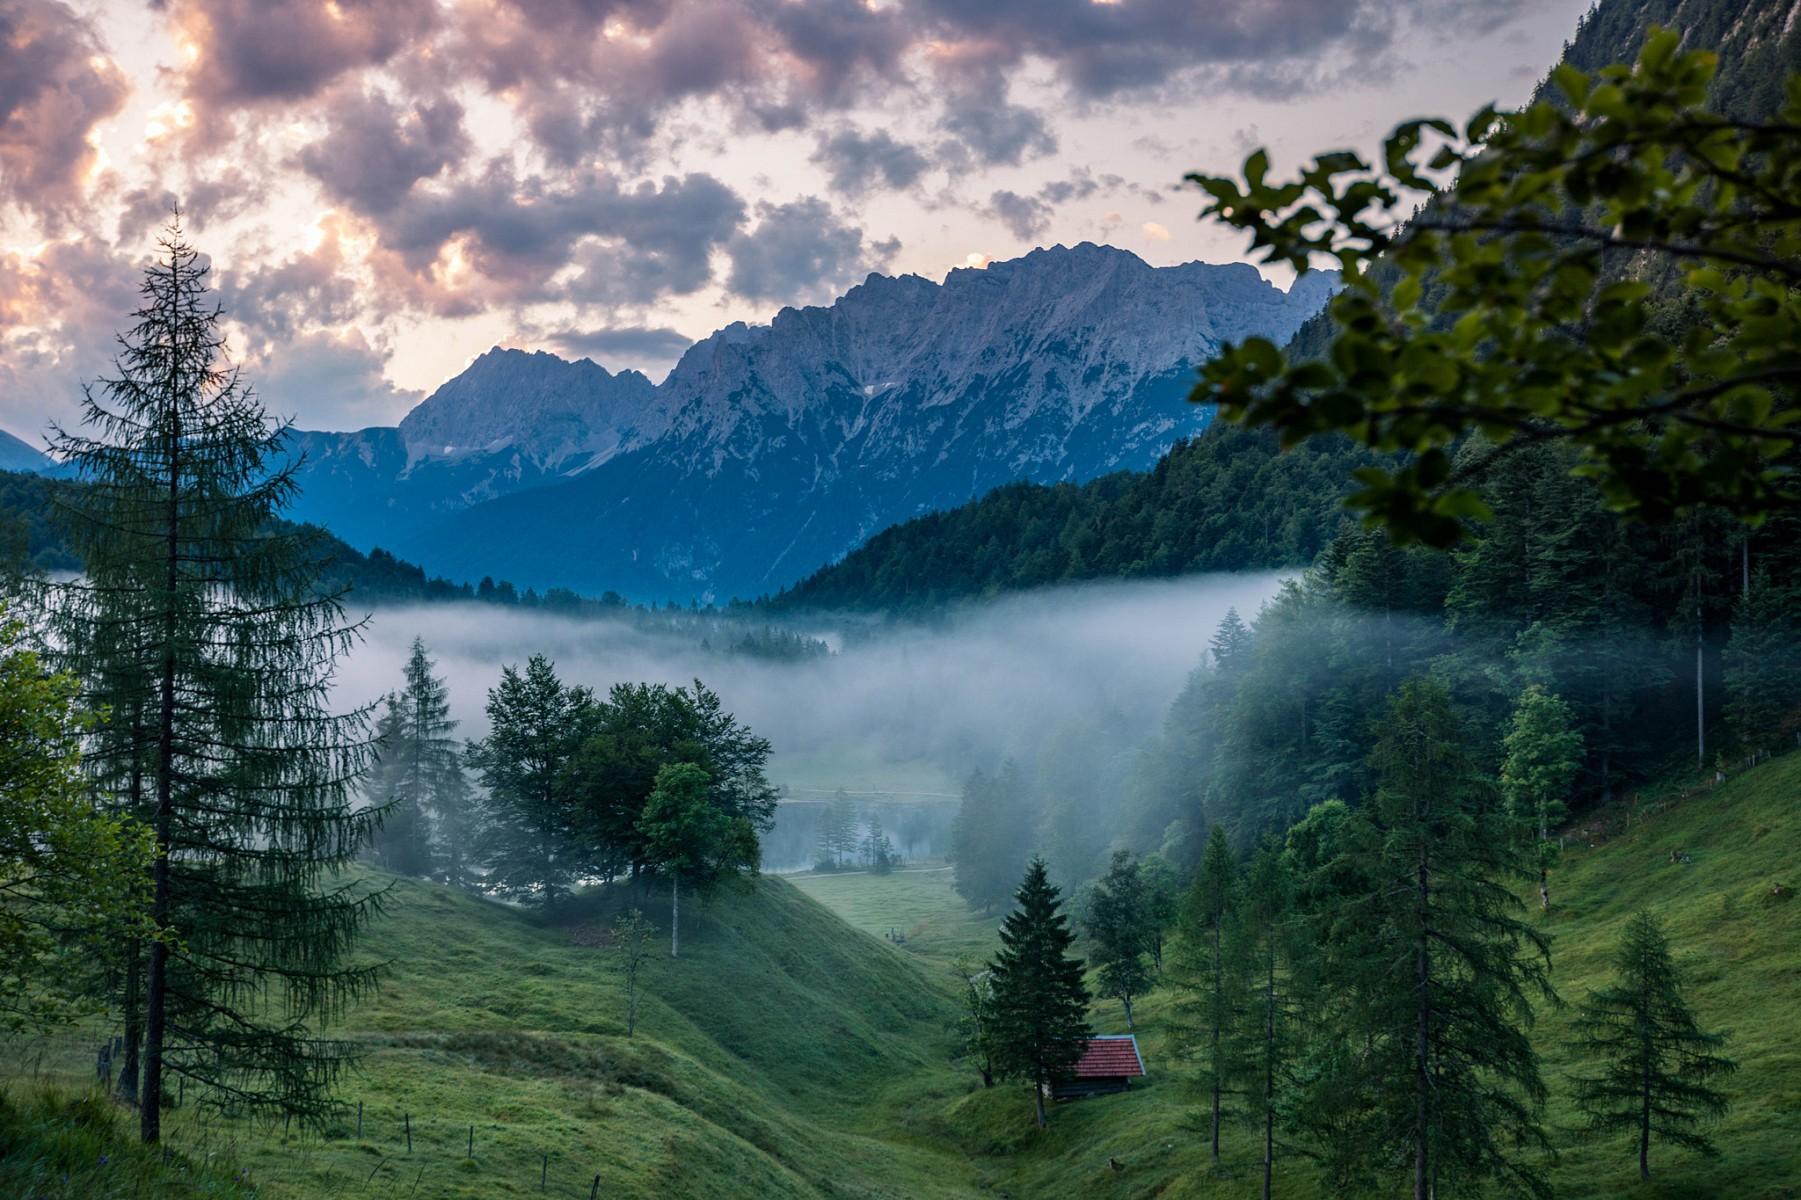 pNebelschwaden-tauchen-dennbspFerchensee-bei-Mittenwald-in-eine-mystische-Stimmungp